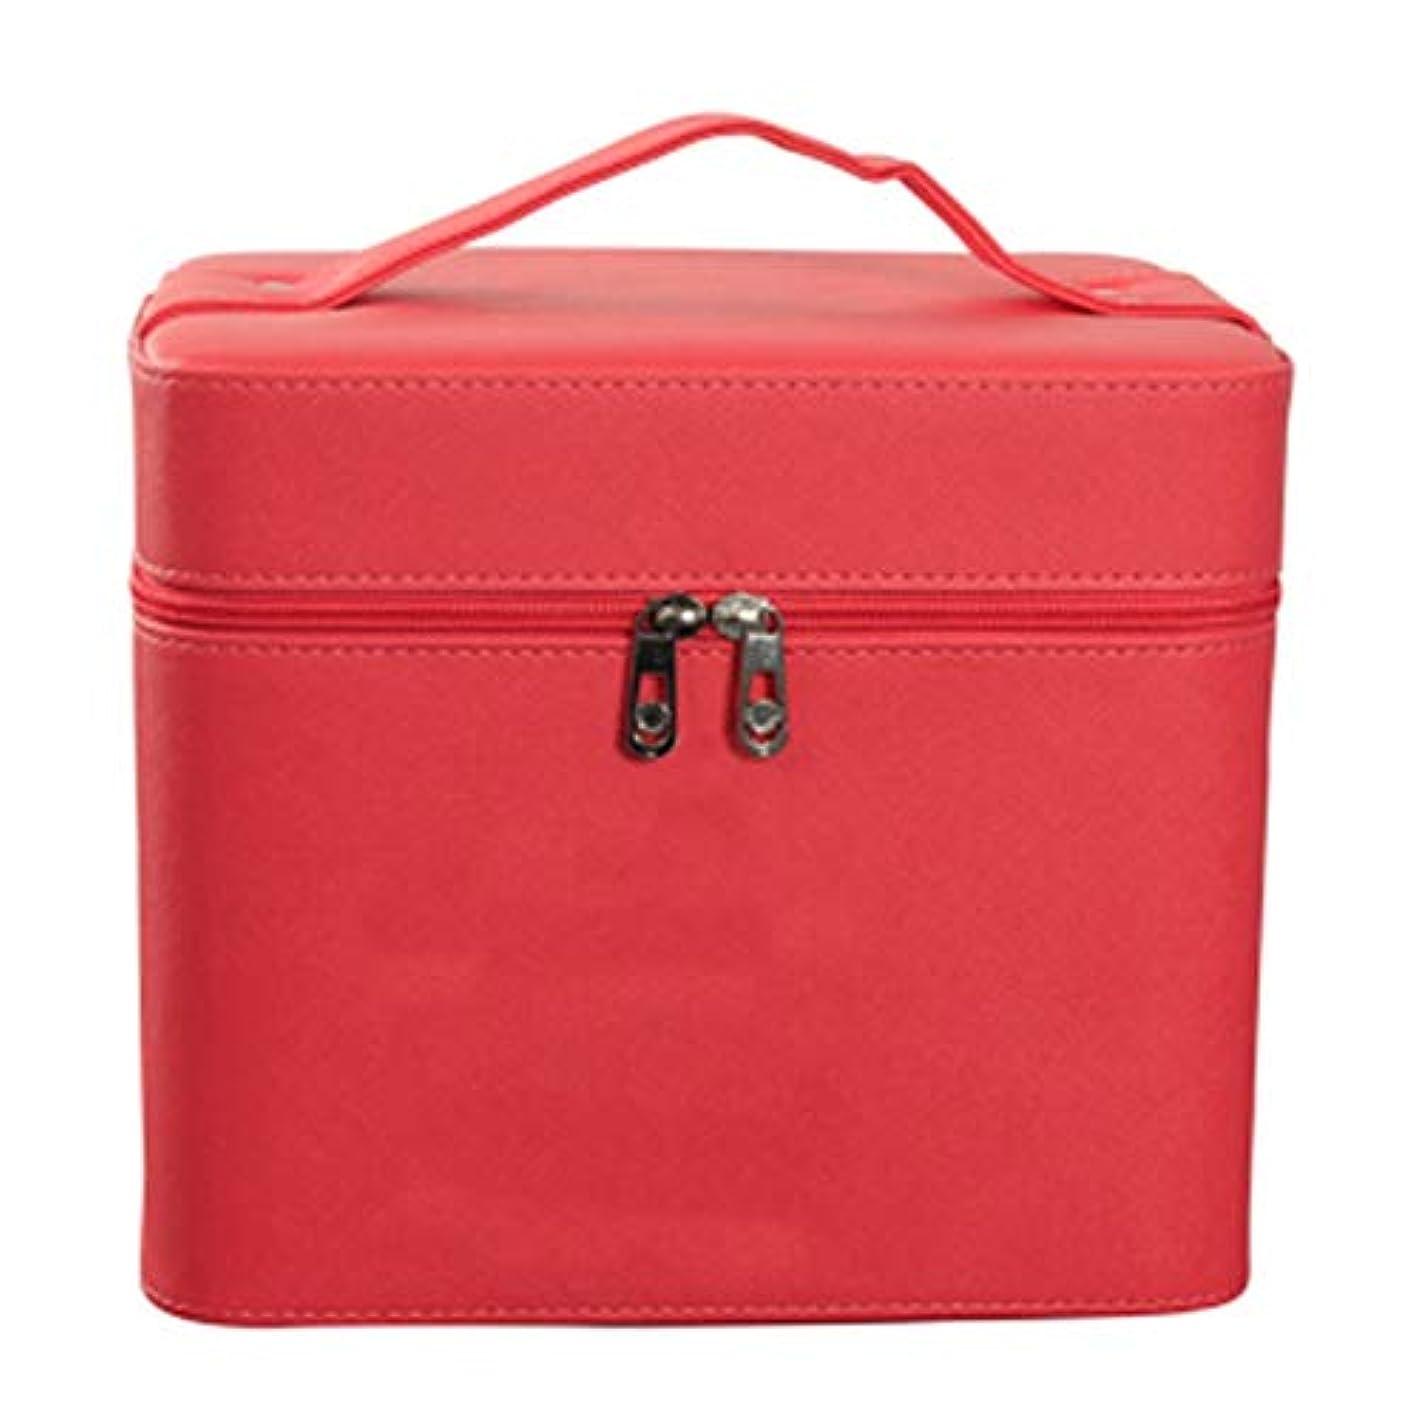 ムスタチオオーディション小間化粧オーガナイザーバッグ ジッパーと化粧鏡で小さなものの種類の旅行のための美容メイクアップのための赤いポータブル化粧品バッグ 化粧品ケース